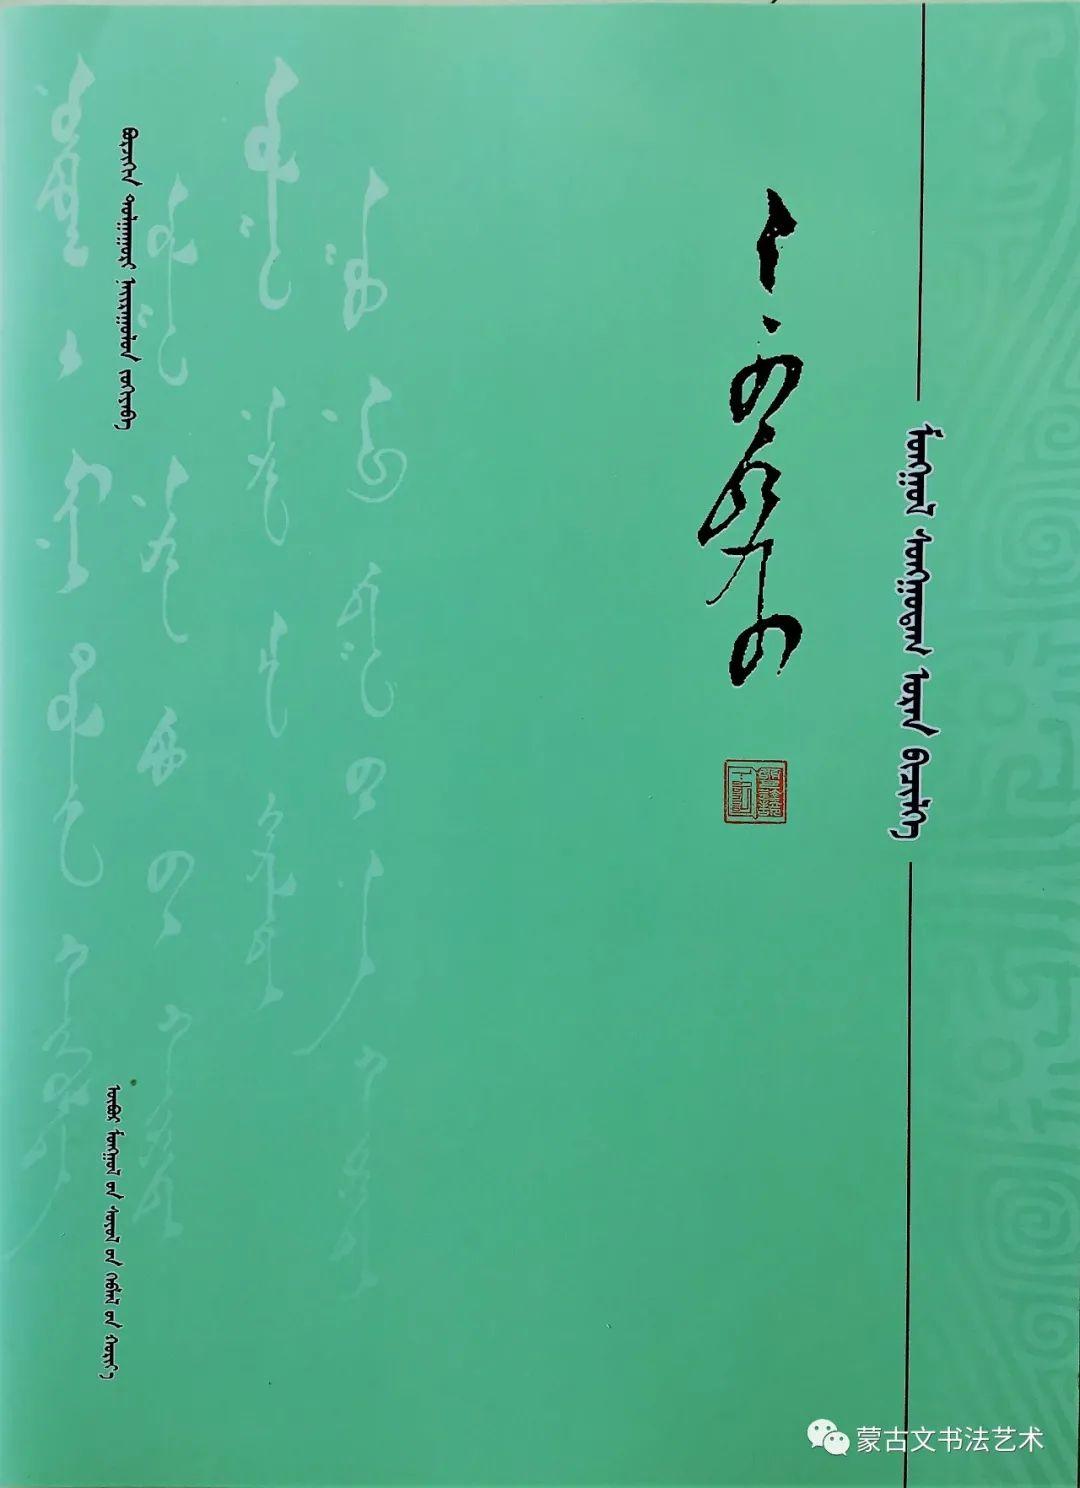 包宝柱《蒙古文经典书法》 第6张